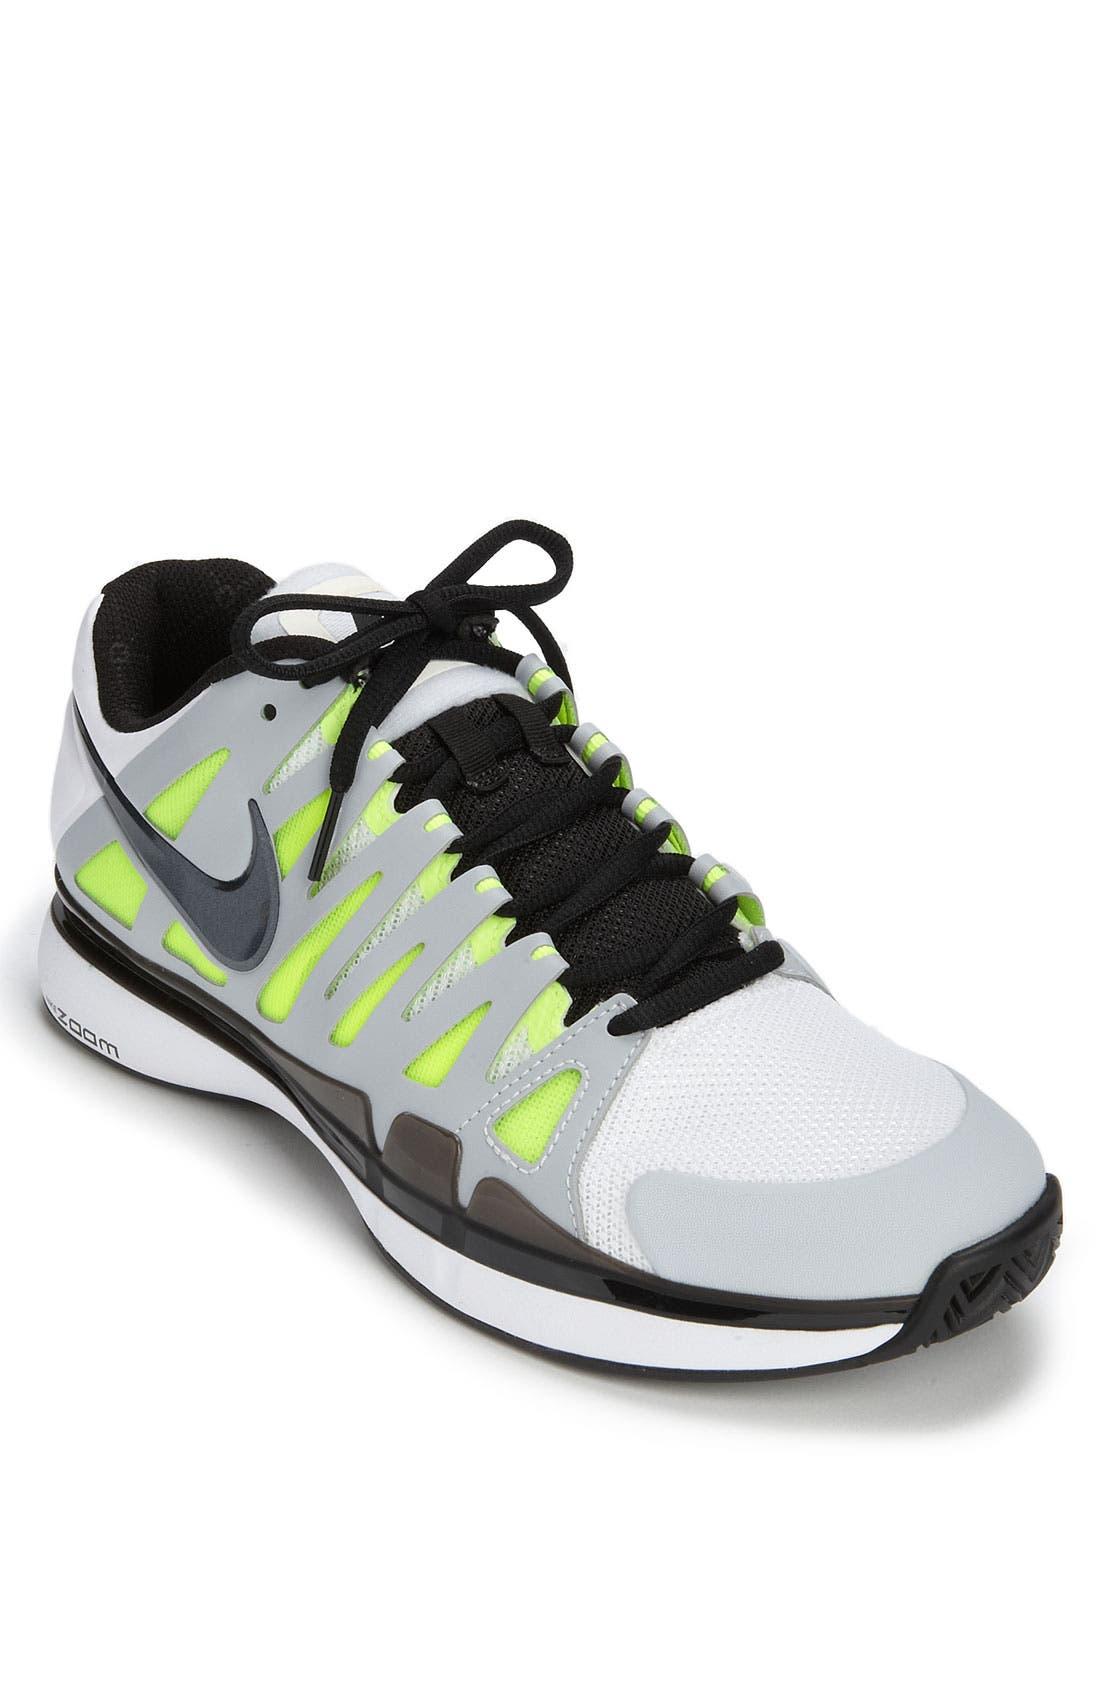 Main Image - Nike 'Zoom Vapor 9 Tour' Tennis Shoe (Men)